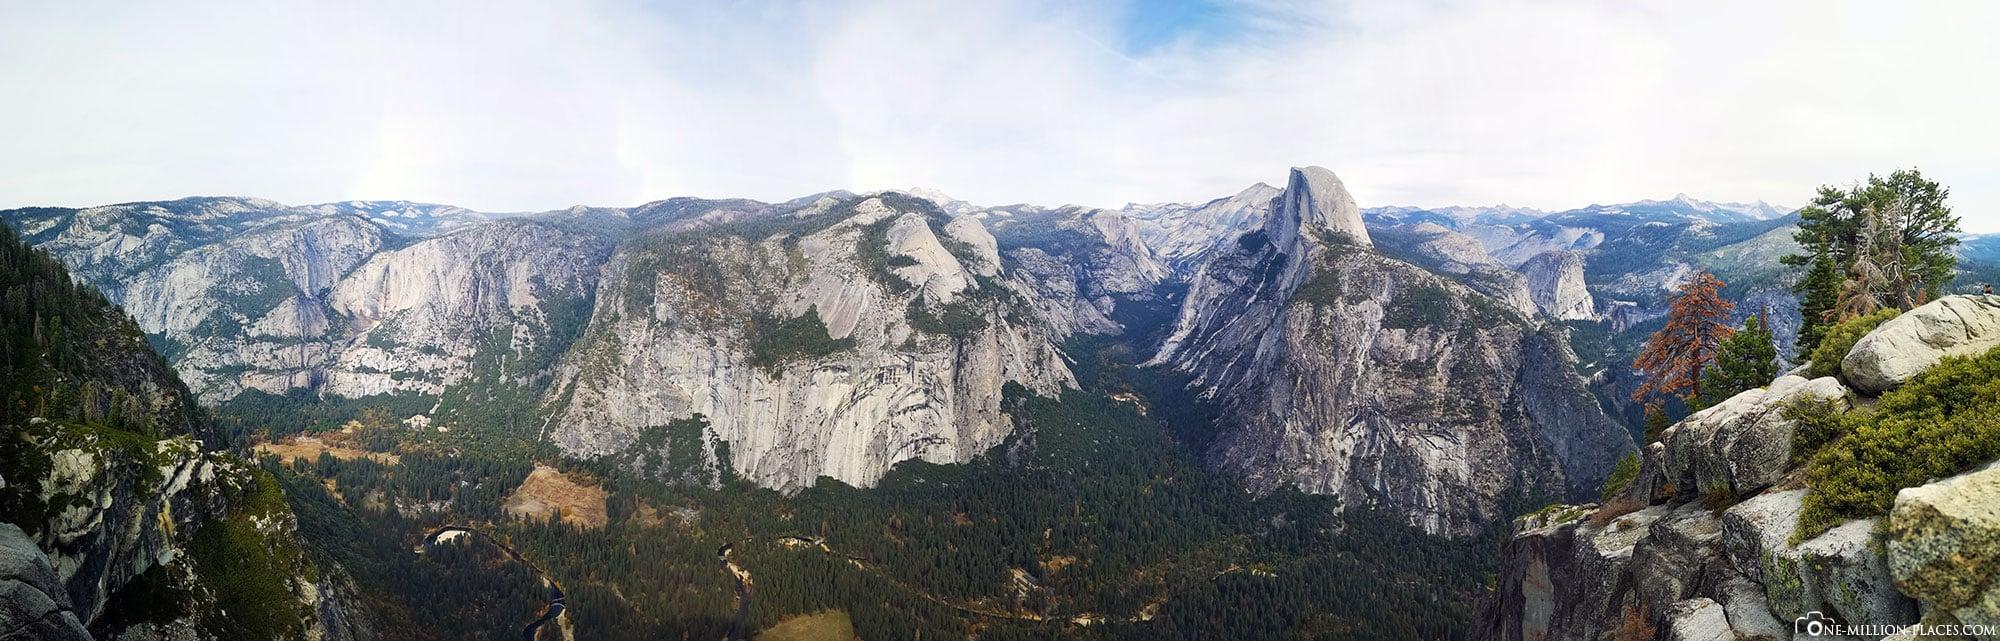 Panoramabild, Glacier Point, Yosemite Valley, Yosemite Nationalpark, Sehenswürdigkeiten, Kalifornien, USA, Reisebericht